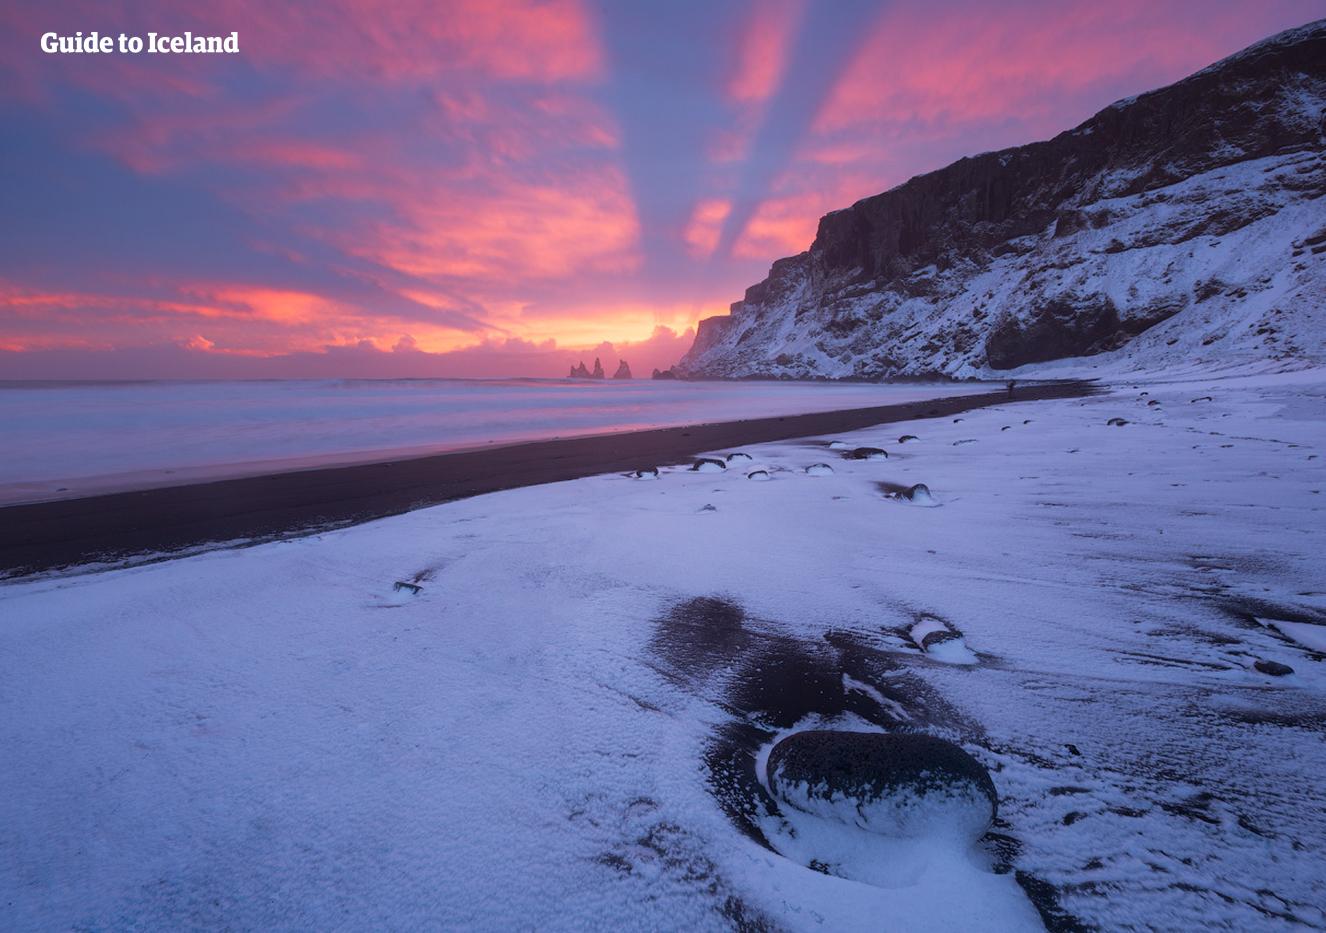 หาดทรายดำเรย์นิสฟยาราในช่วงฤดูหนาว